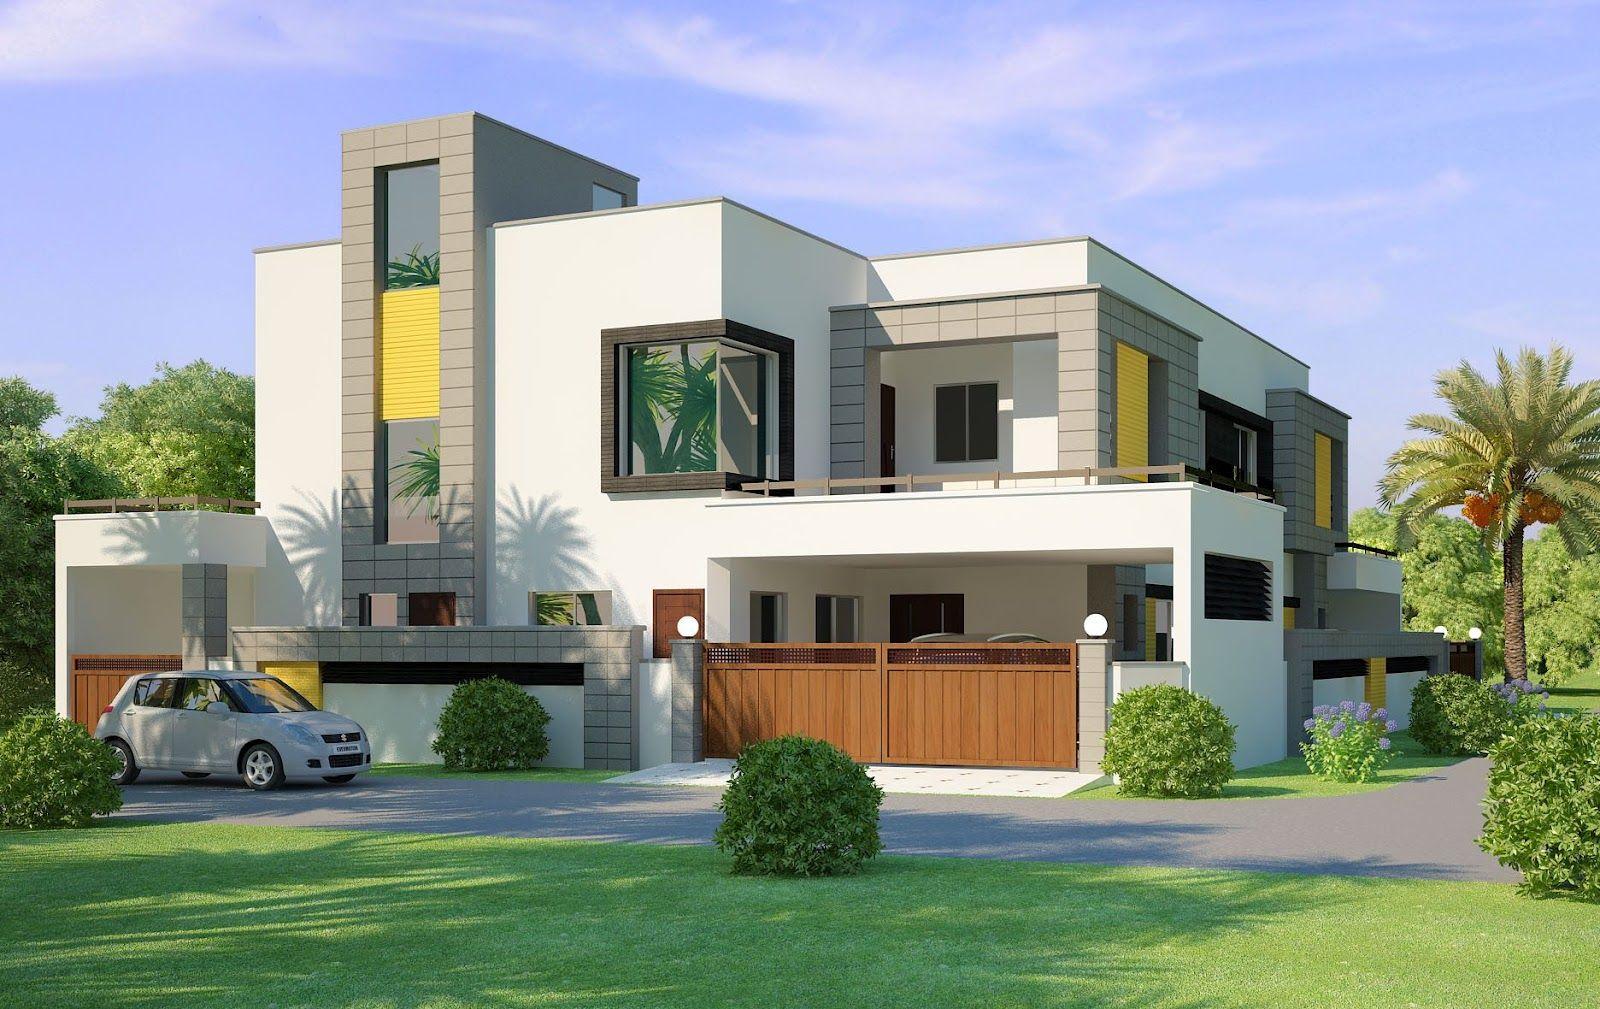 Best Front Elevation Designs 2014 Home Design Decorating